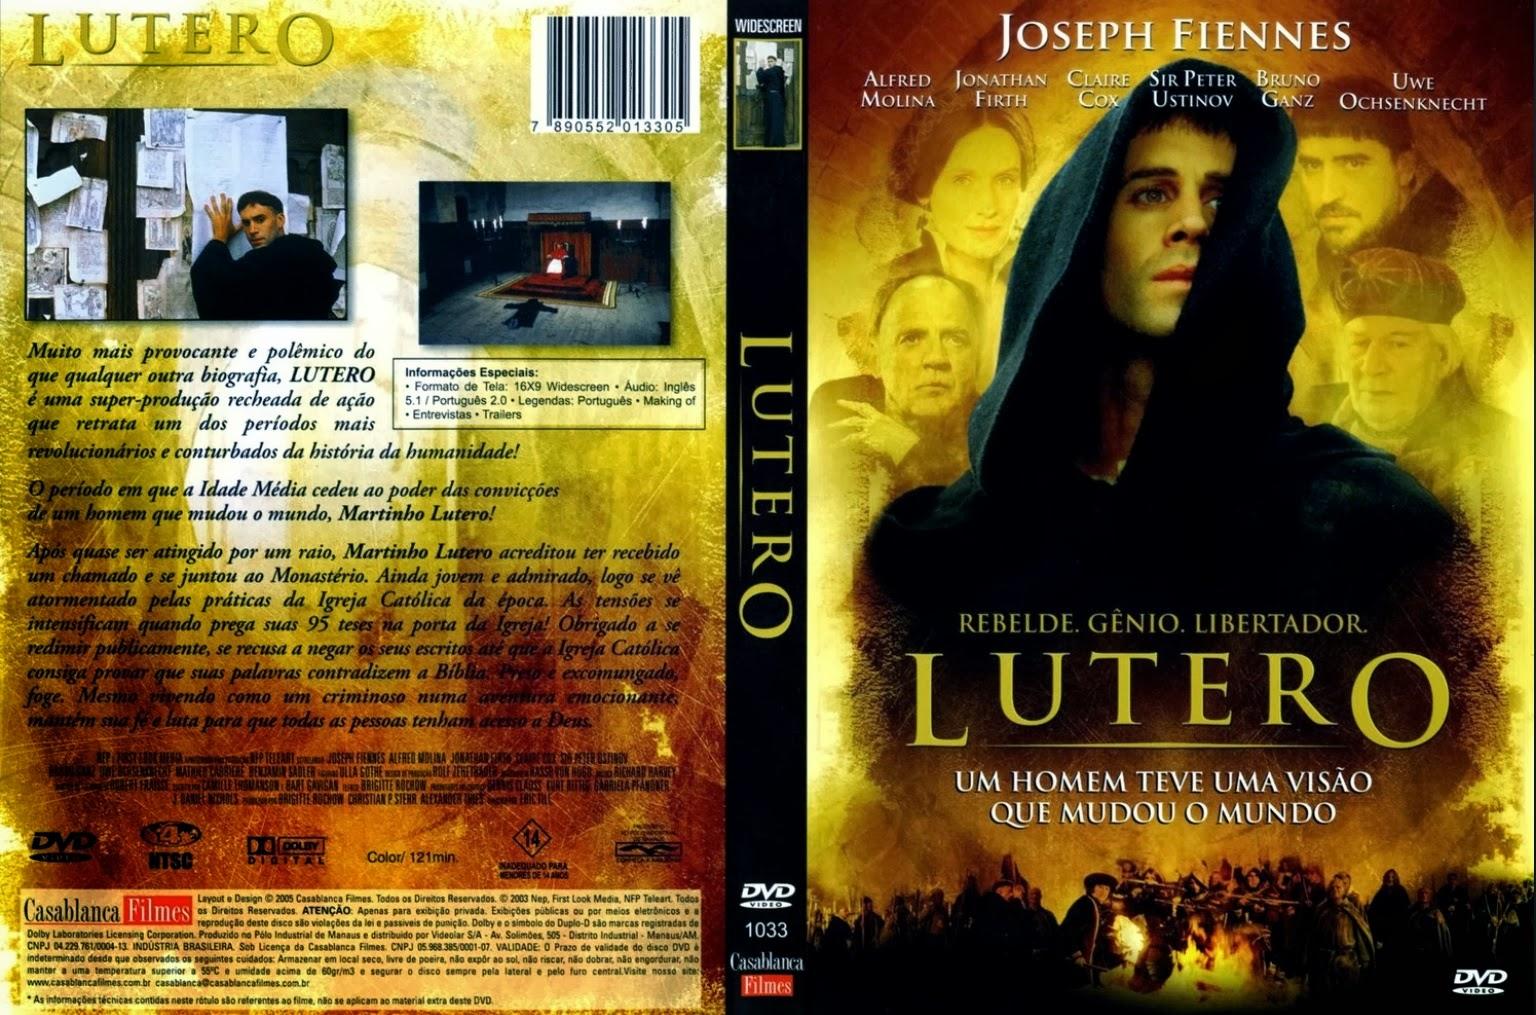 filme martinho lutero